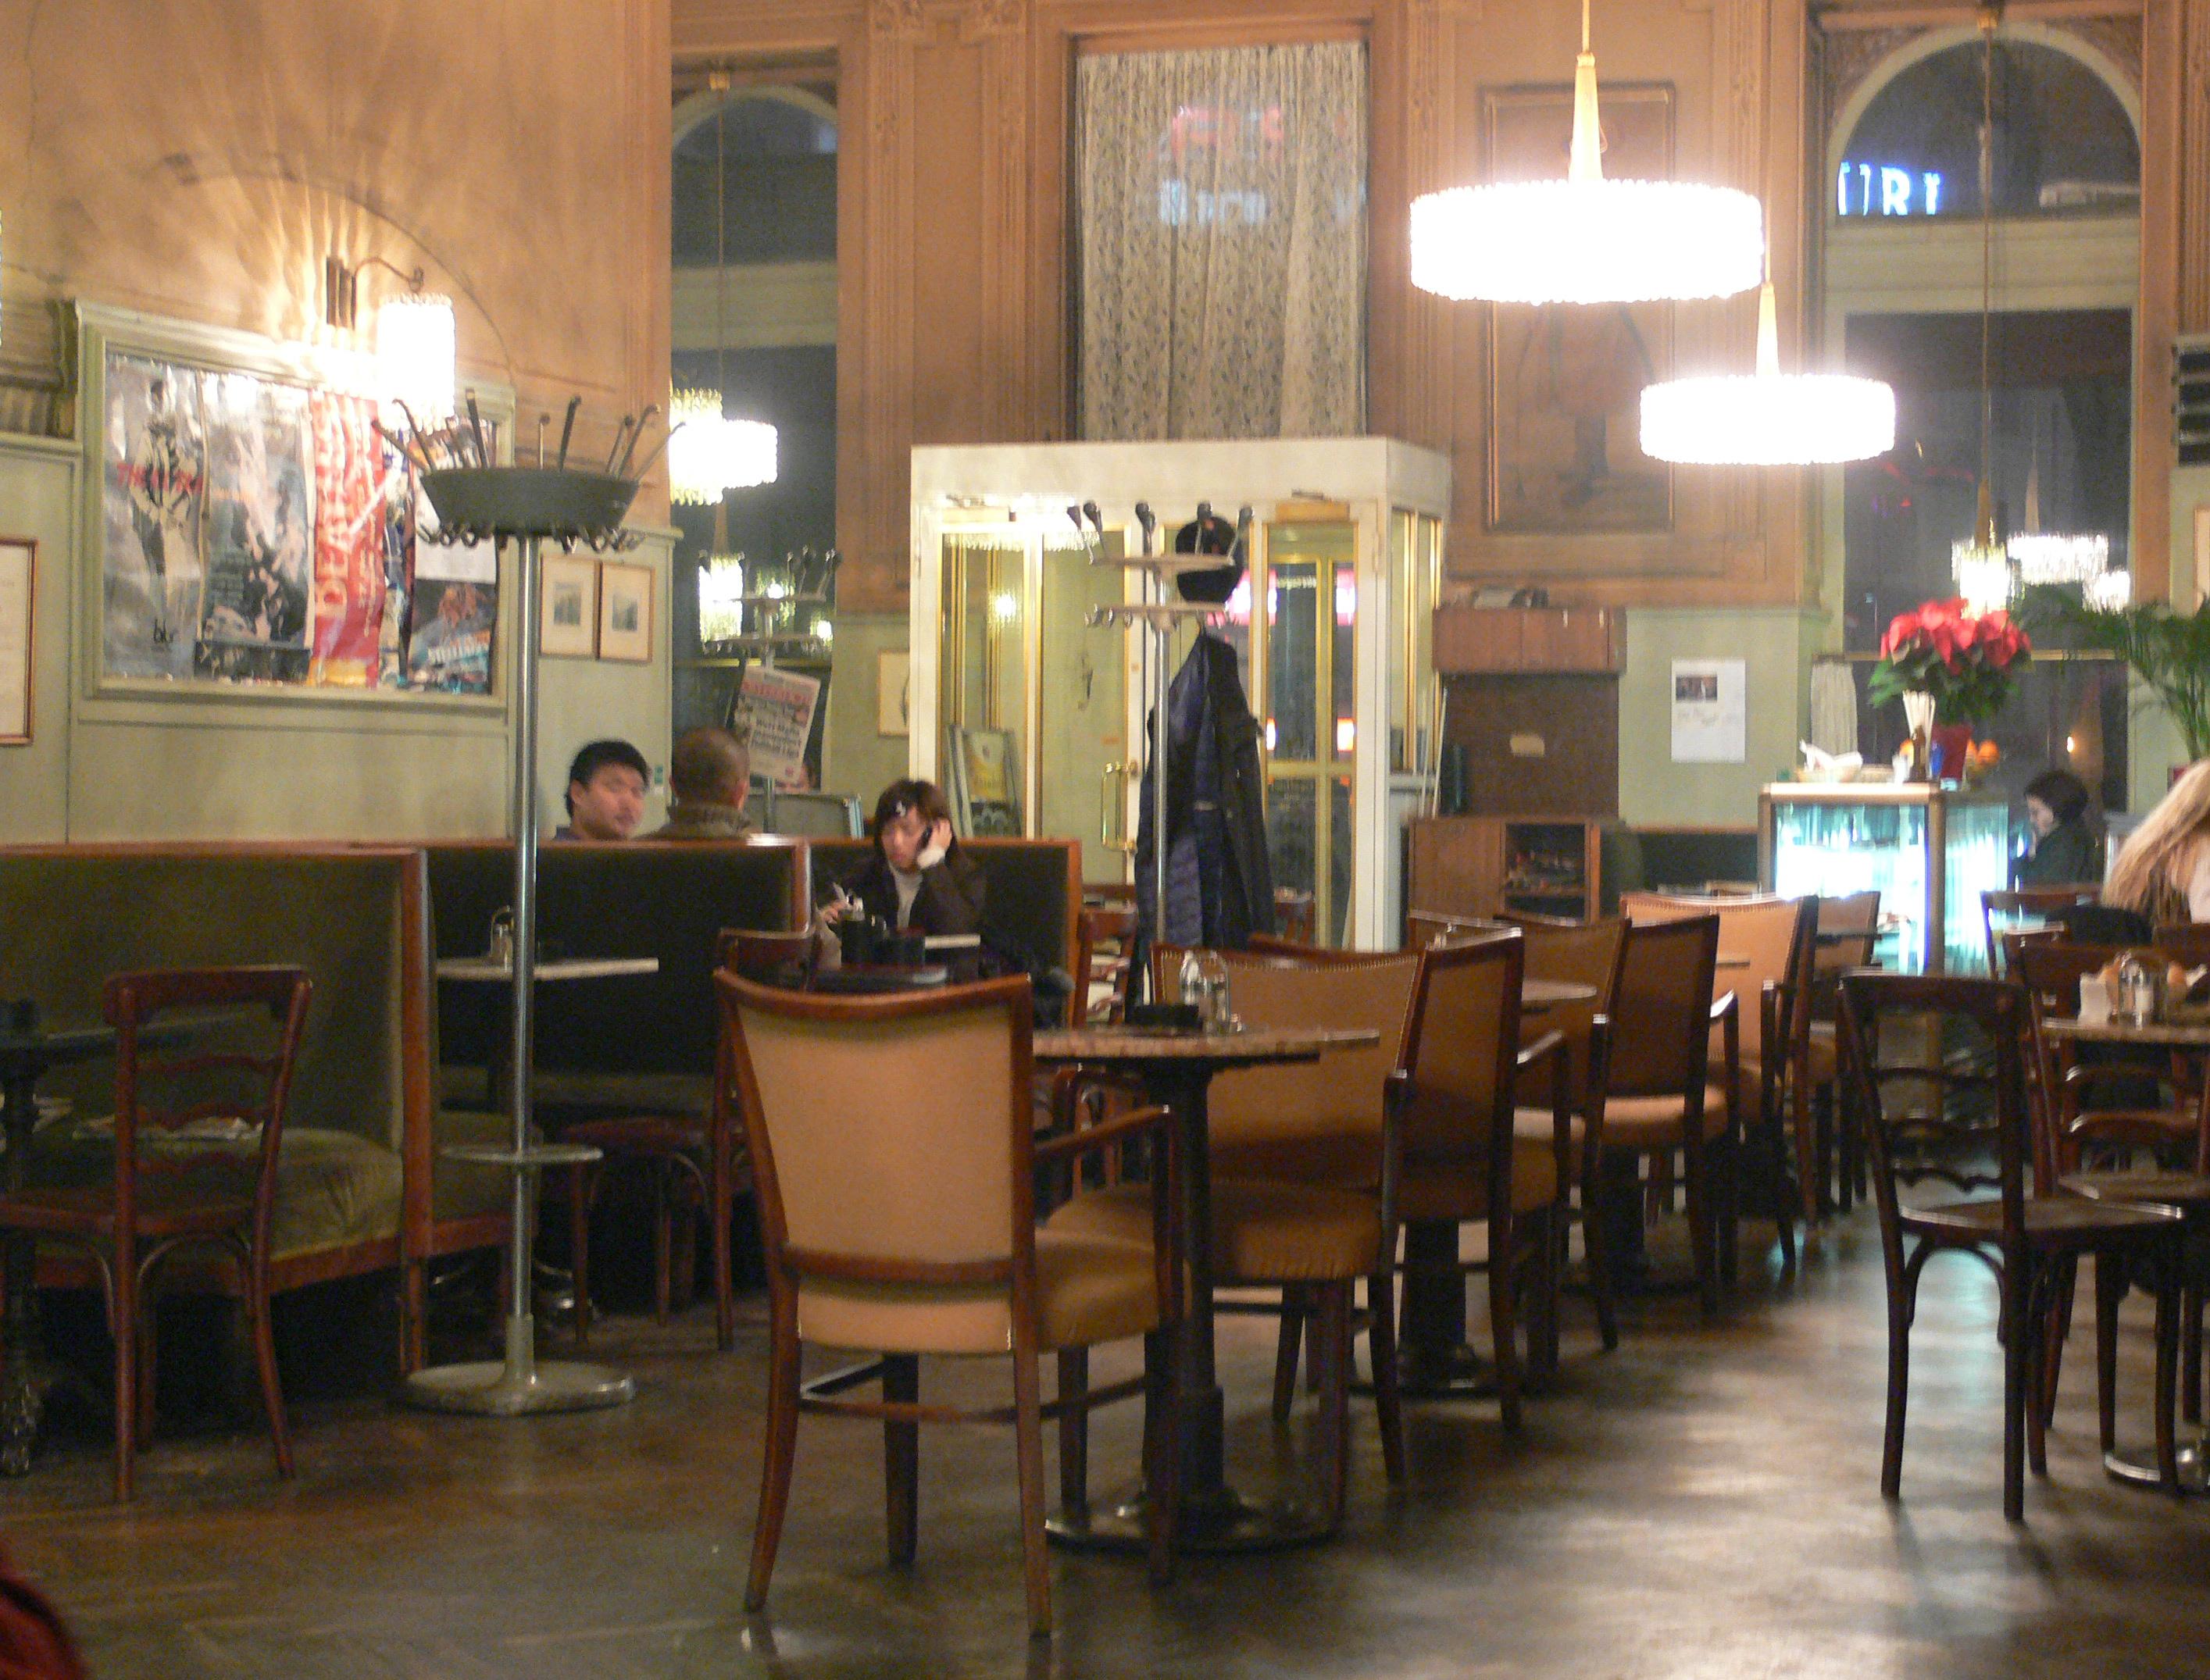 Hotel Restaurant Caf Ef Bf Bd Hensienne